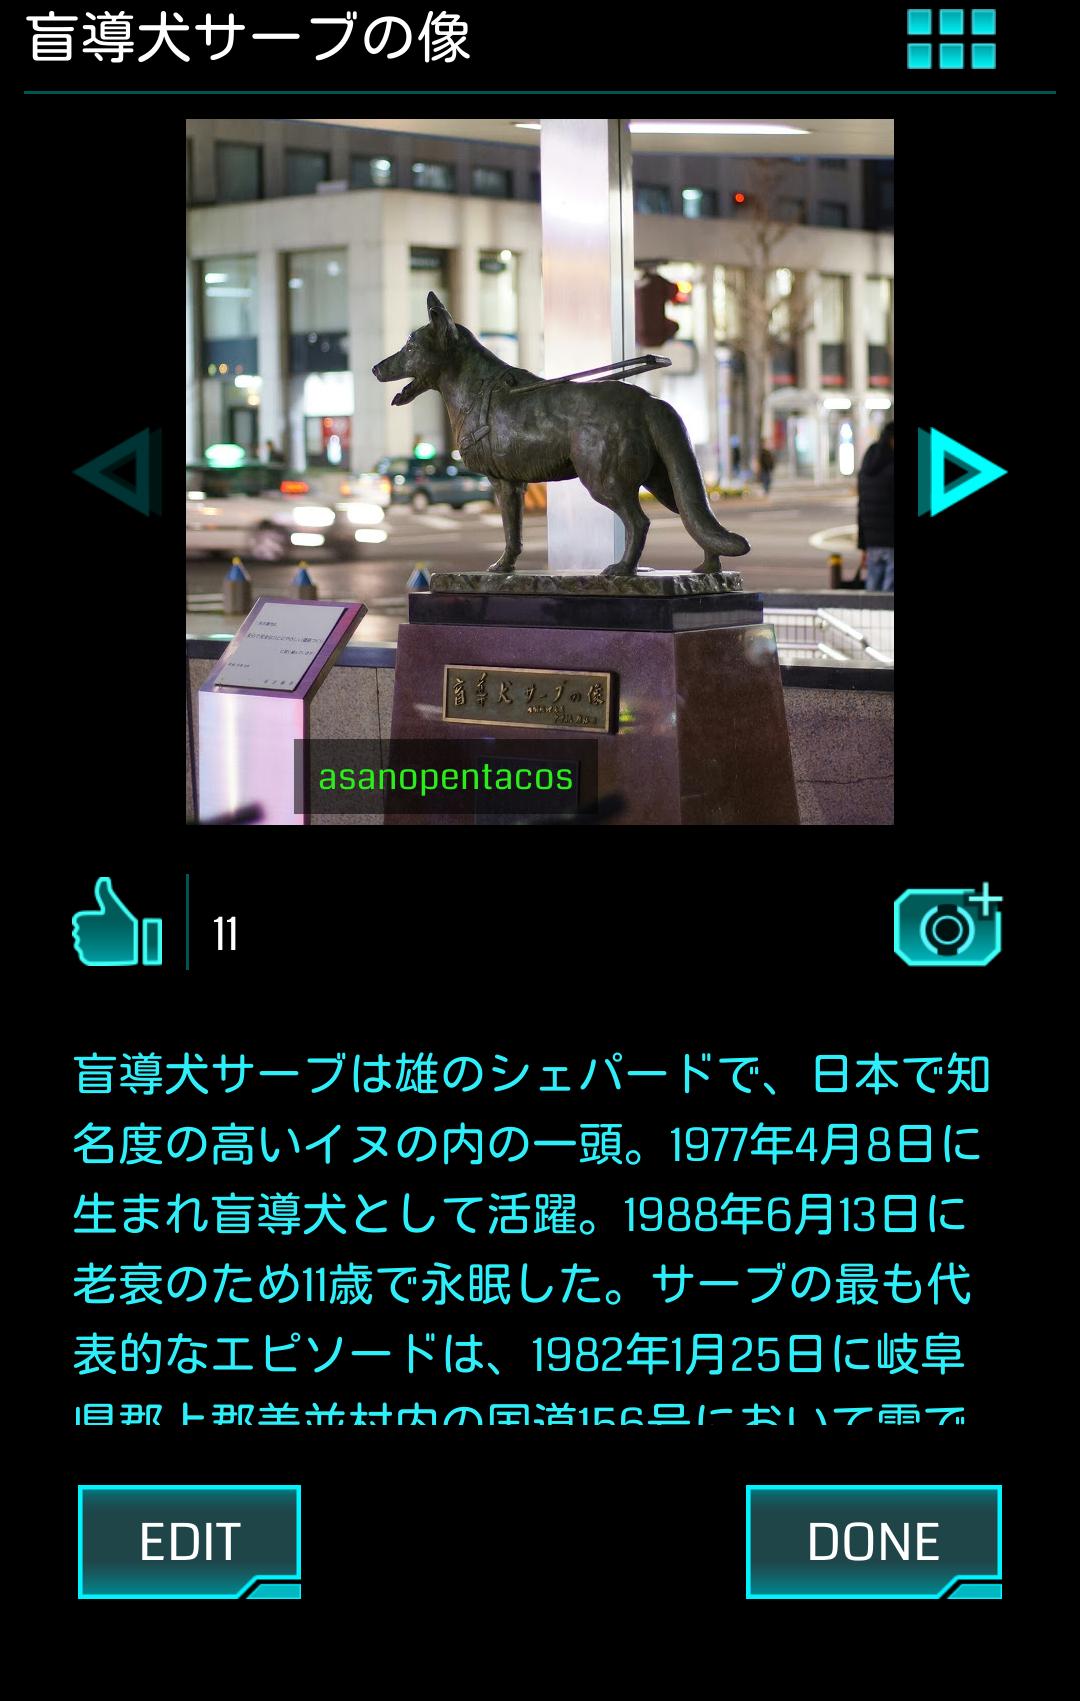 f:id:Mad-Tanuki:20160805000944p:image:w640